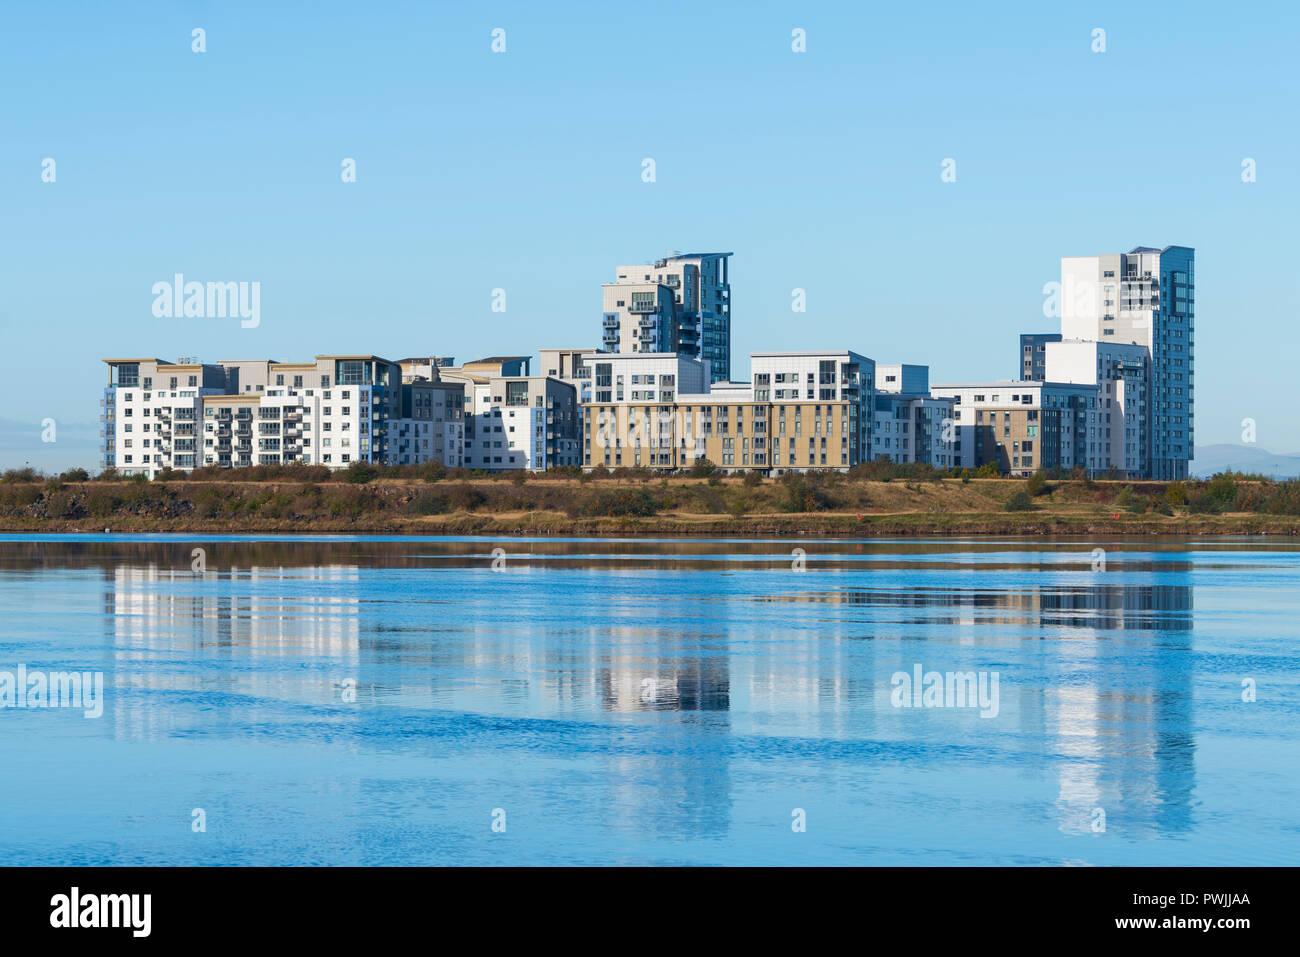 Blick auf moderne Apartment Gebäude an der westlichen Hafen das Entwicklung in Leith, Schottland, Großbritannien Stockbild